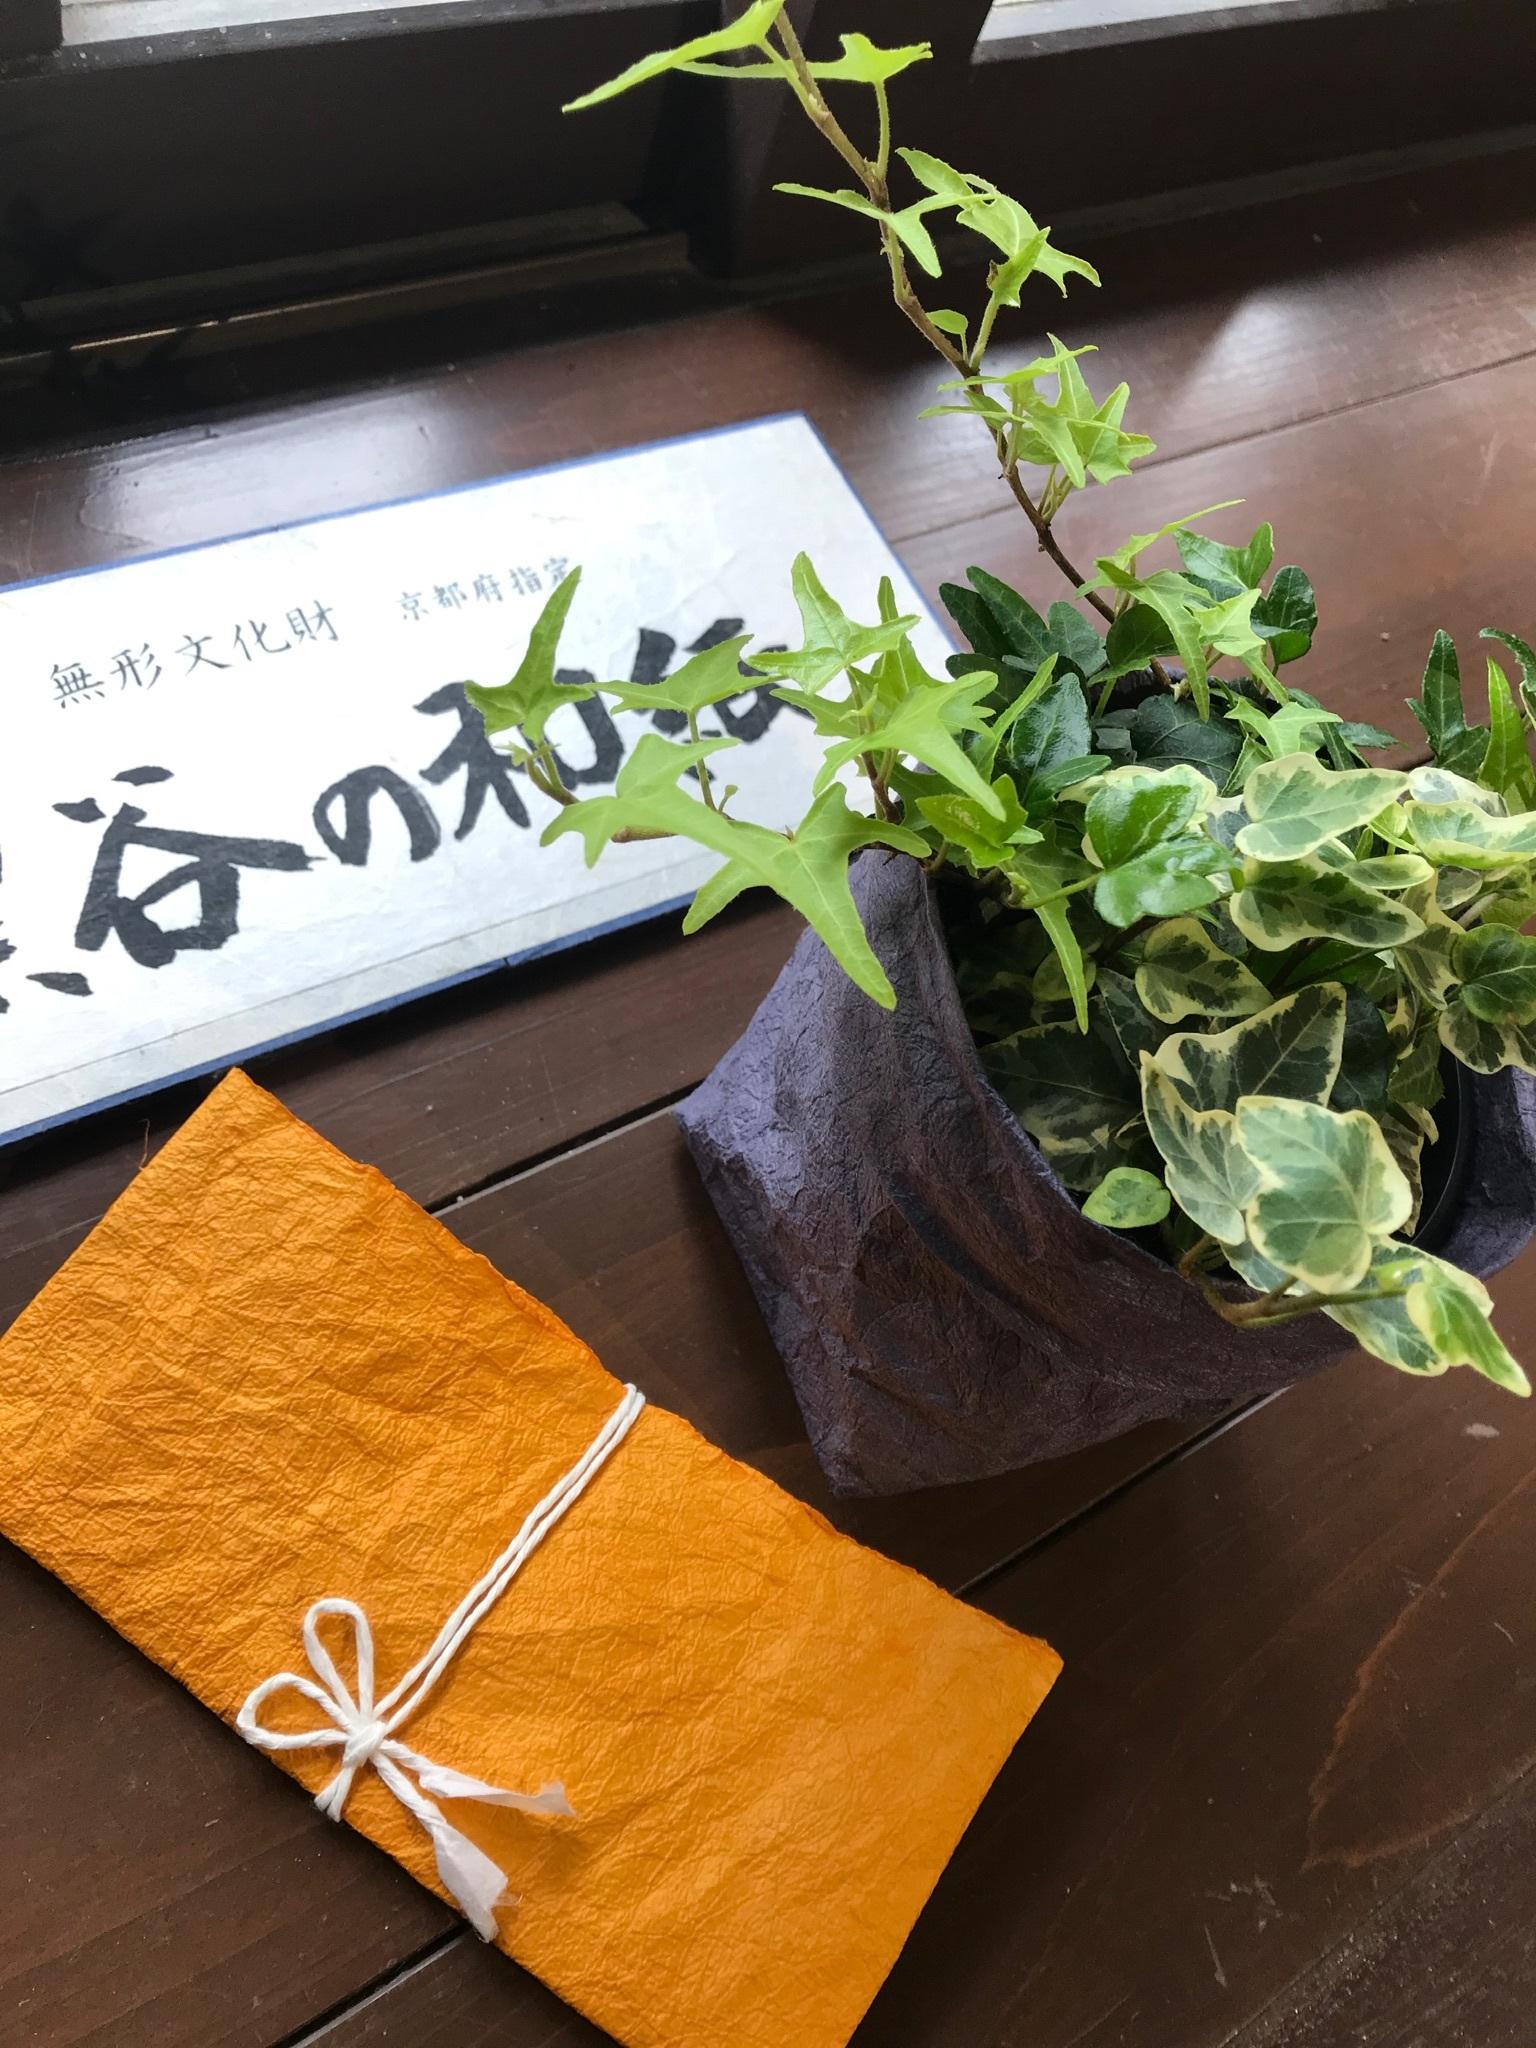 京都黒谷和紙  植木鉢ポットカバー  2個セット(紫青  橙色)